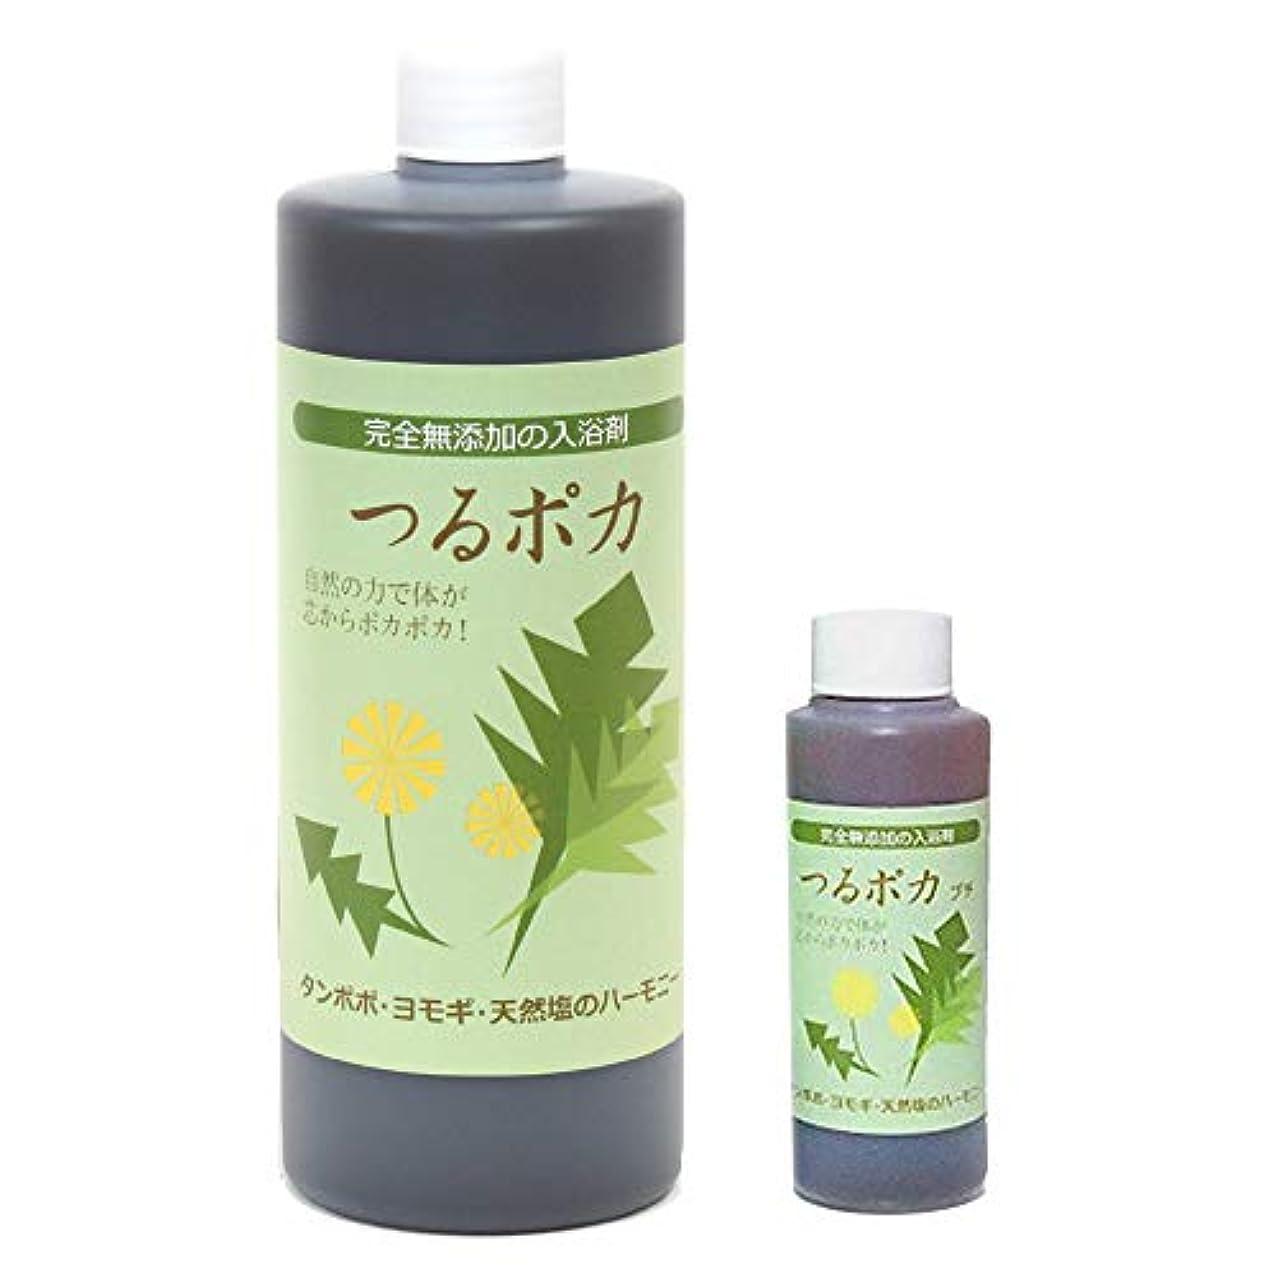 メンタル増幅精神的につるポカ入浴剤 500ml+60ml おまけ (ばんのう酵母くん姉妹商品)